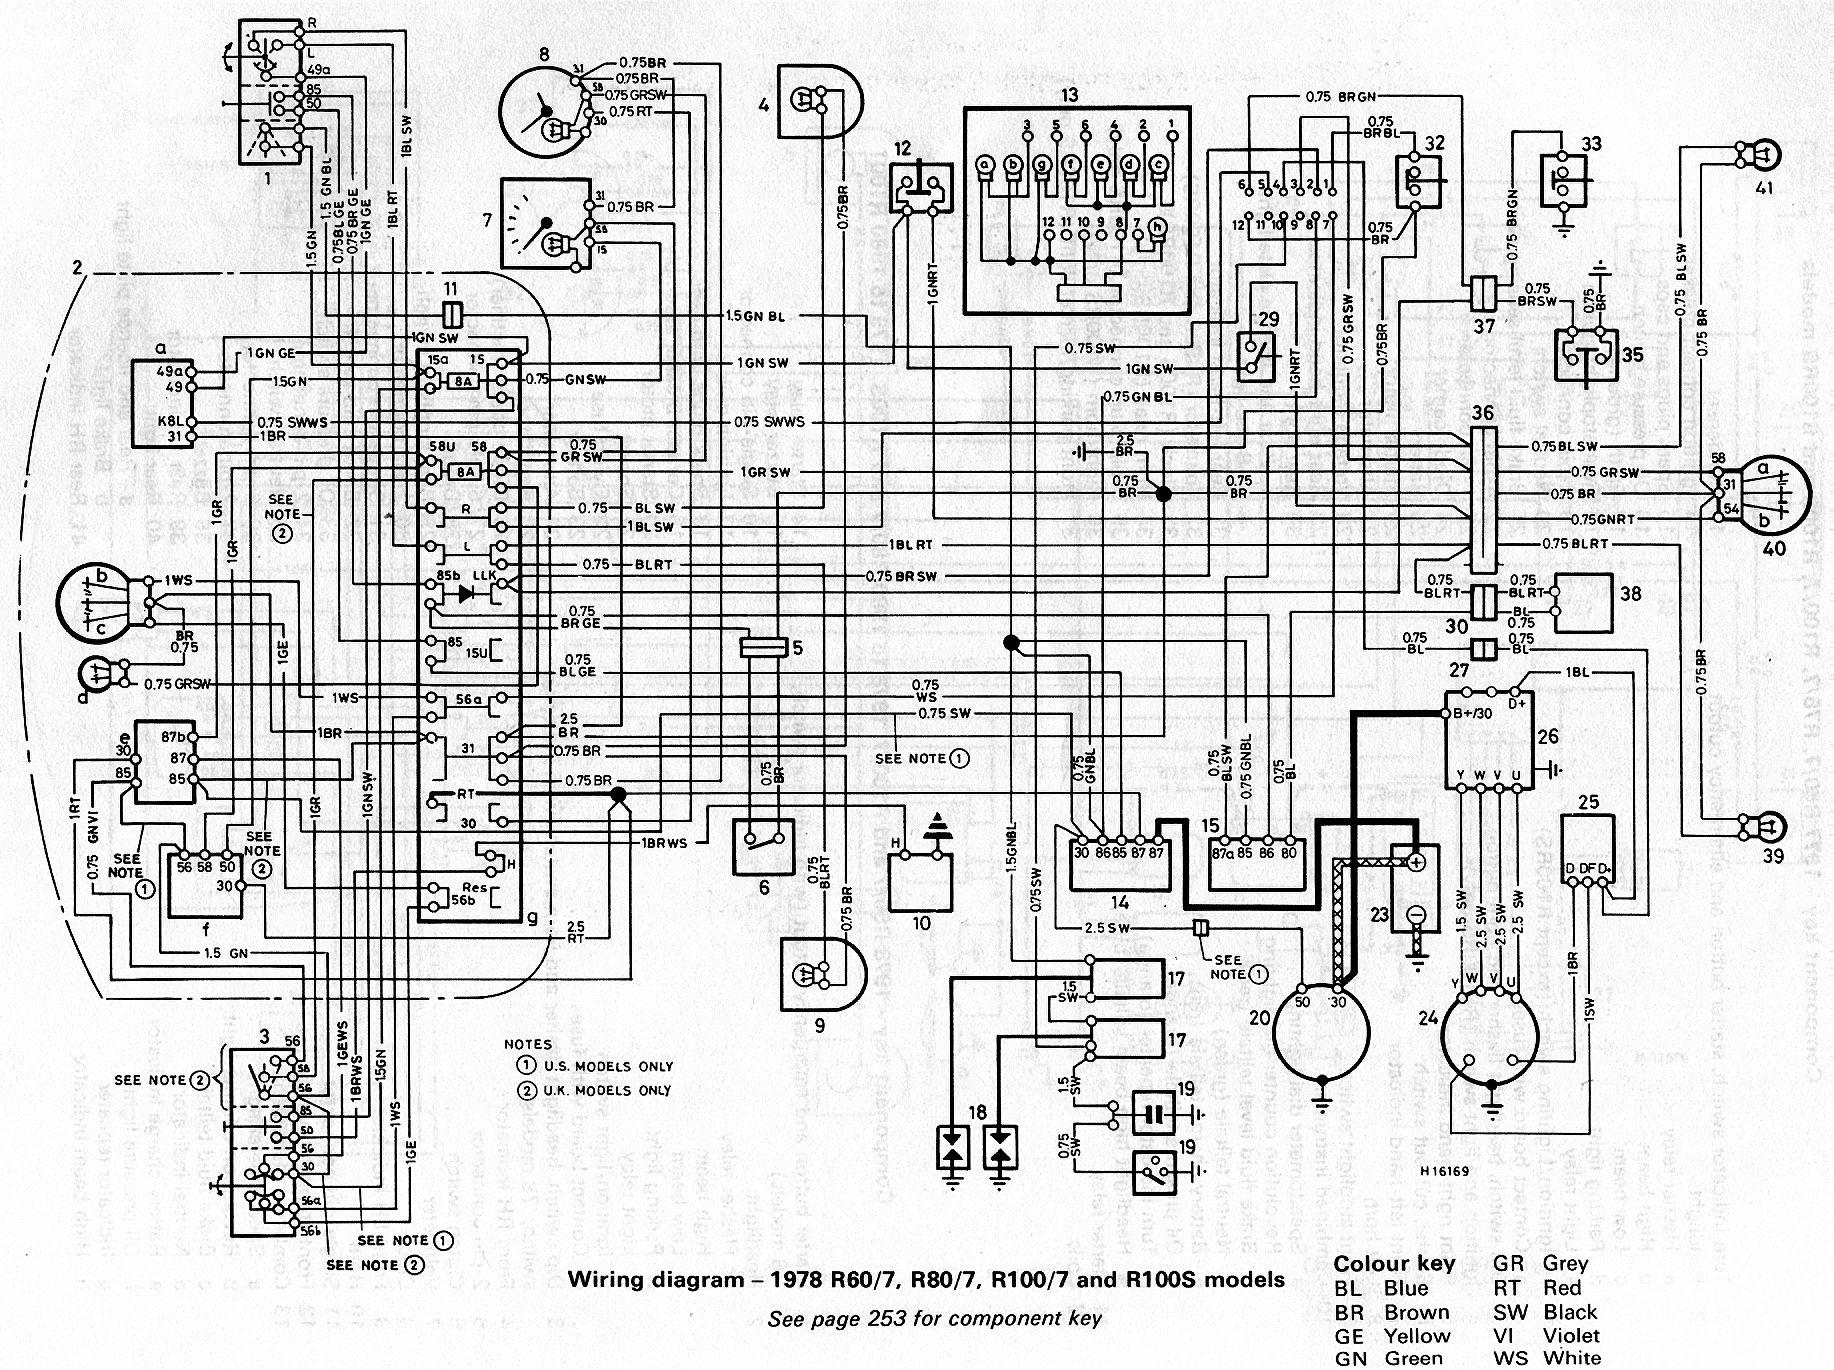 pin bmw r75 5 wiring diagram on pinterest